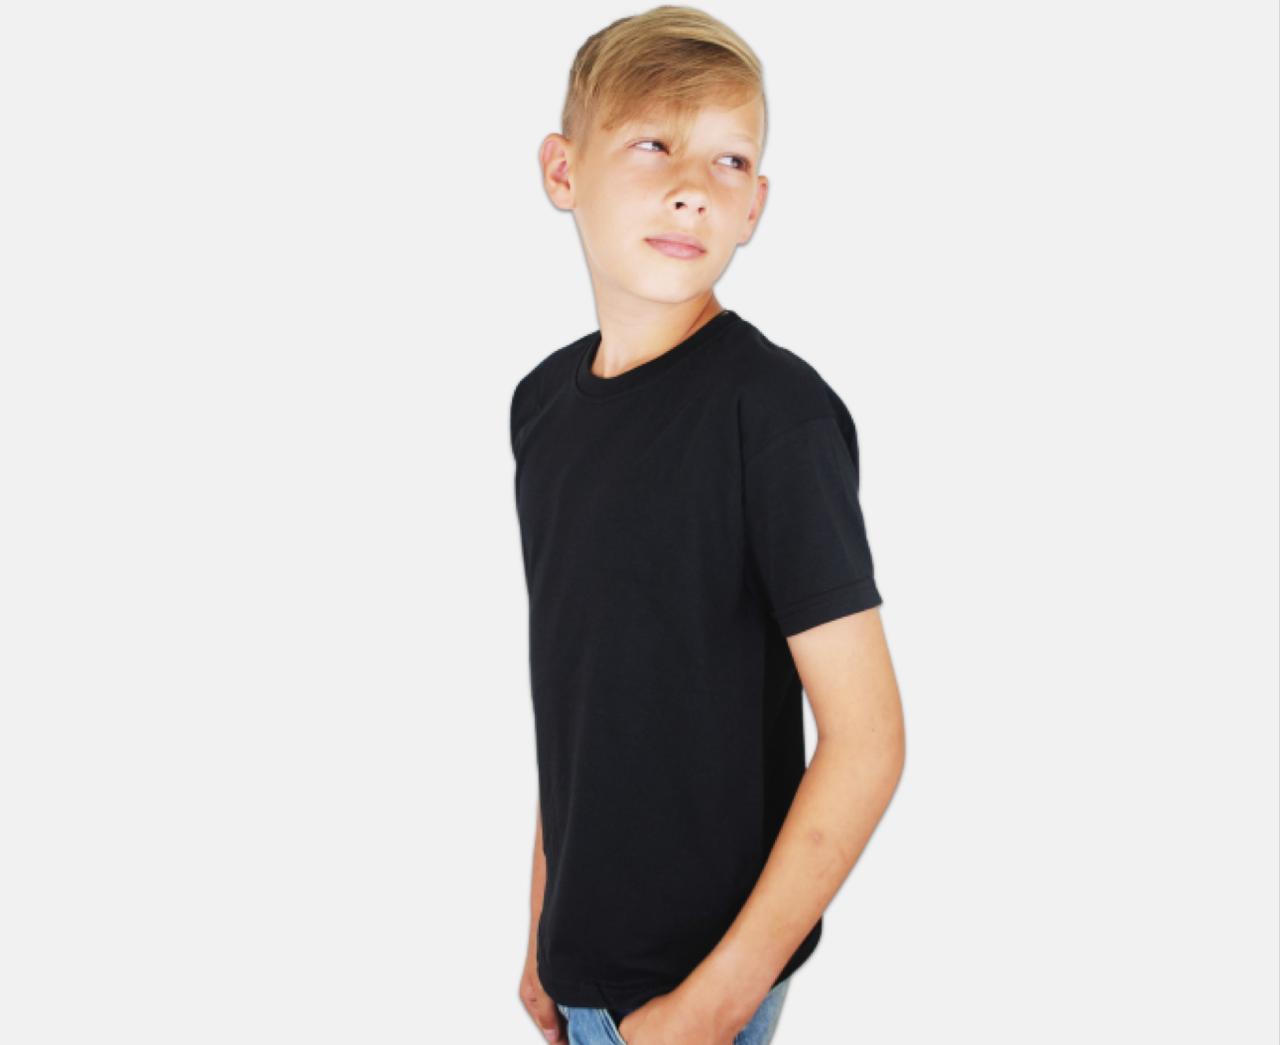 Детская Классическая Футболка для Мальчиков Чёрная Fruit of the loom 61-033-36 2-3